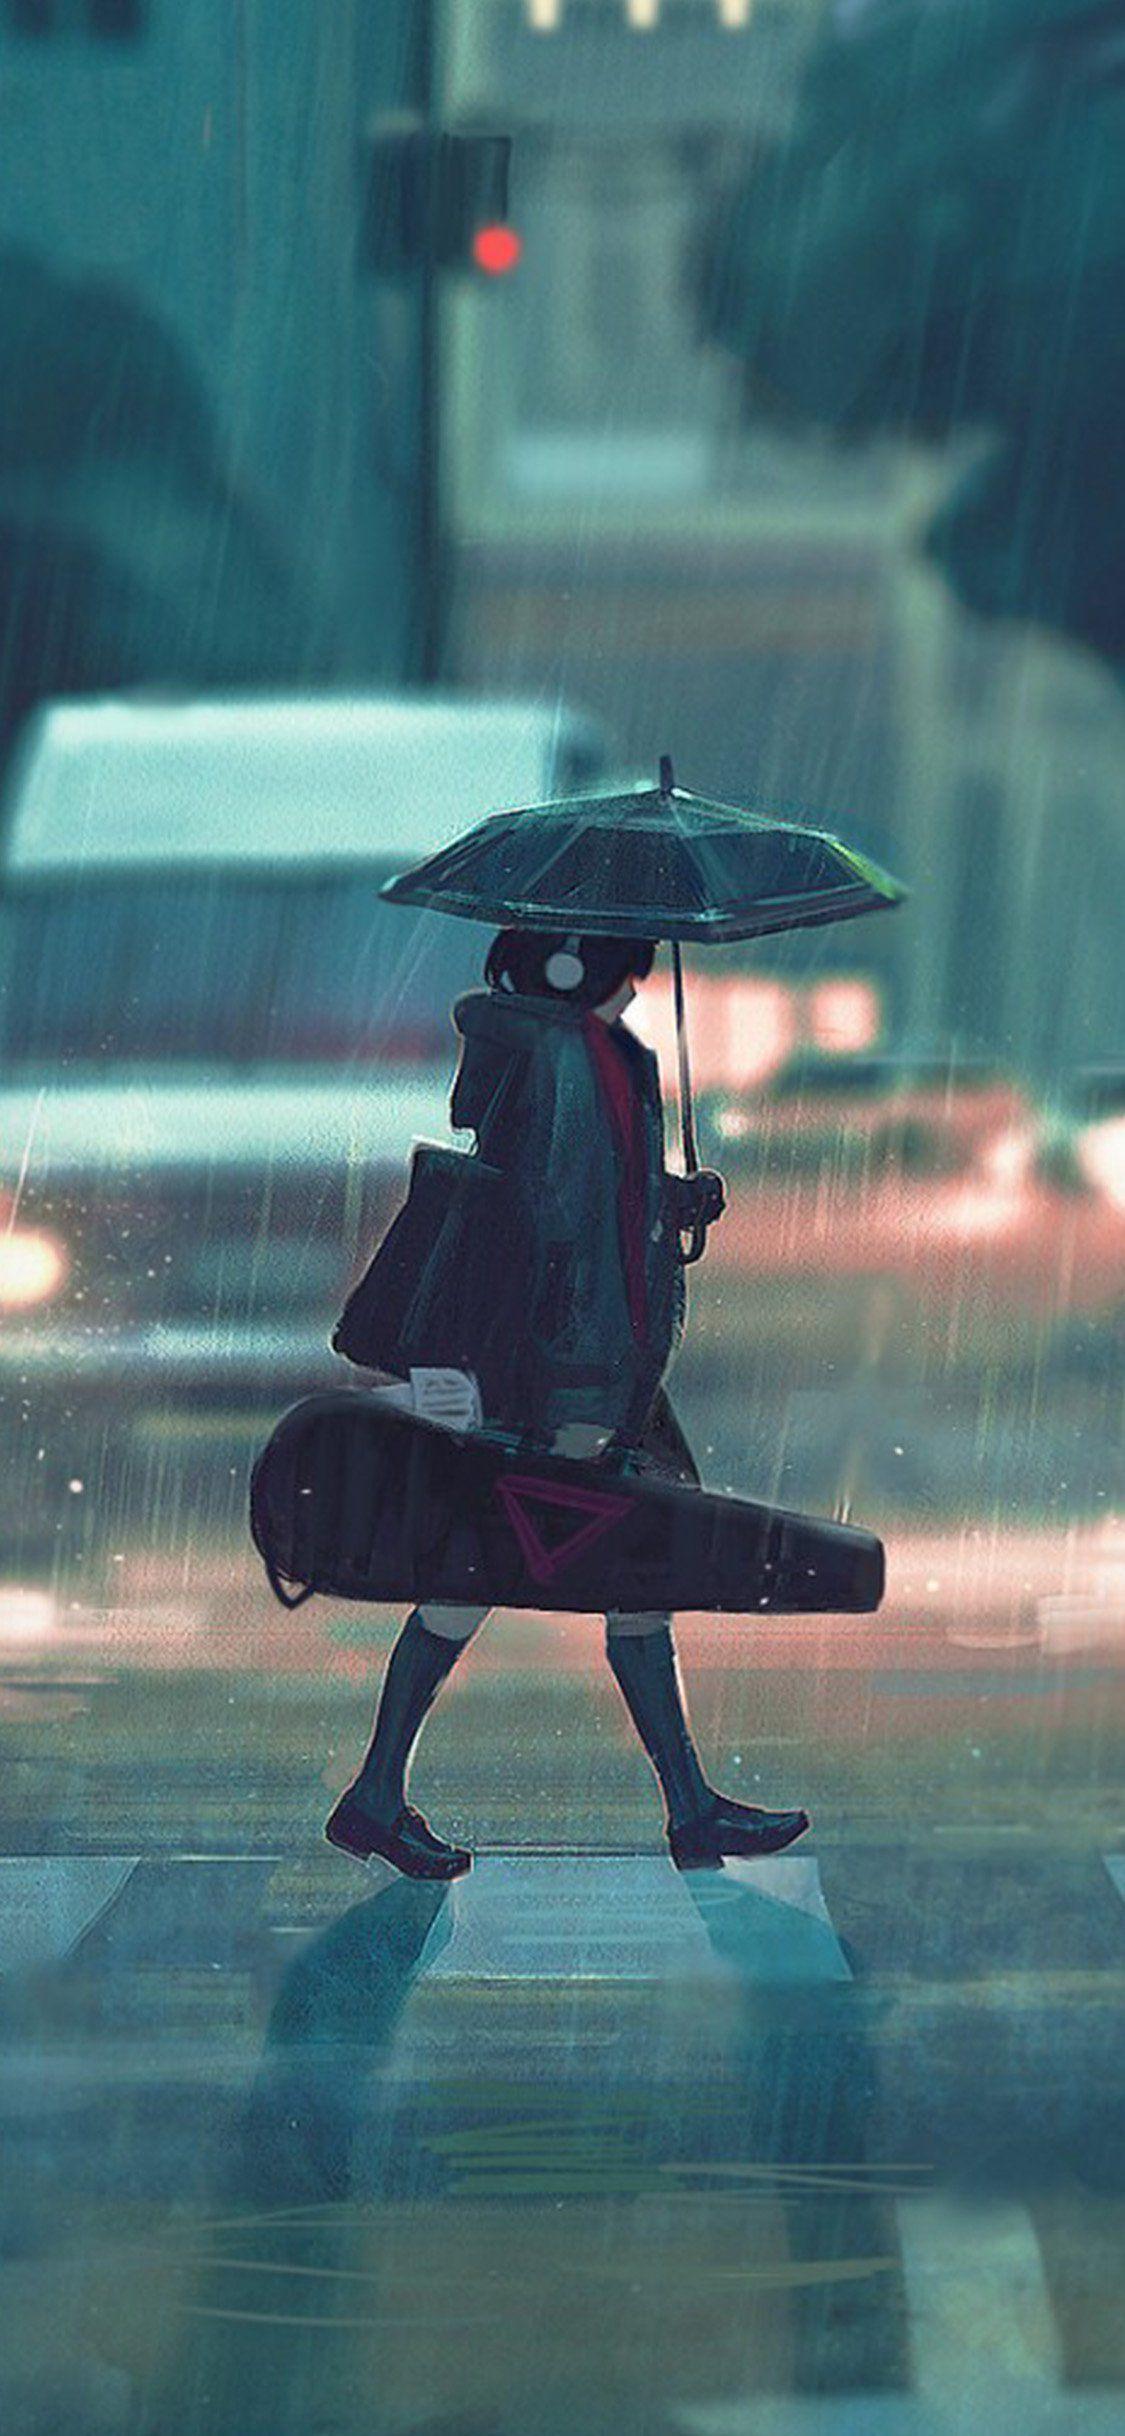 Sad Anime Aesthetic Wallpapers - Top Free Sad Anime ...